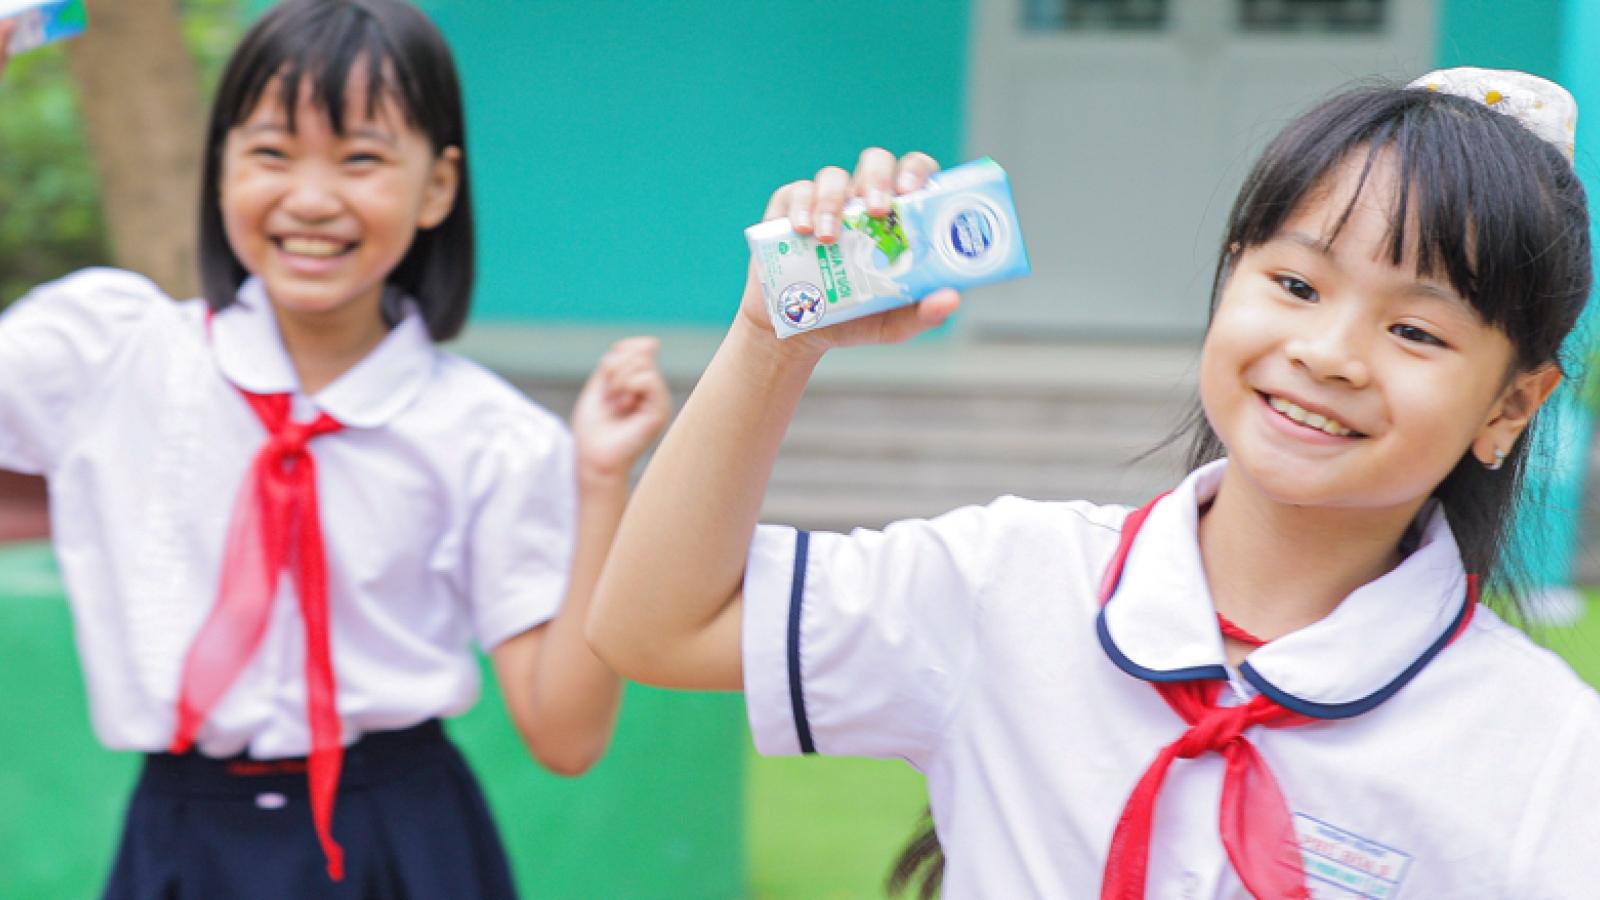 Vũ điệu uống sữa – nền tảng cho con một cơ thể sẵn sàng, trí óc vững vàng